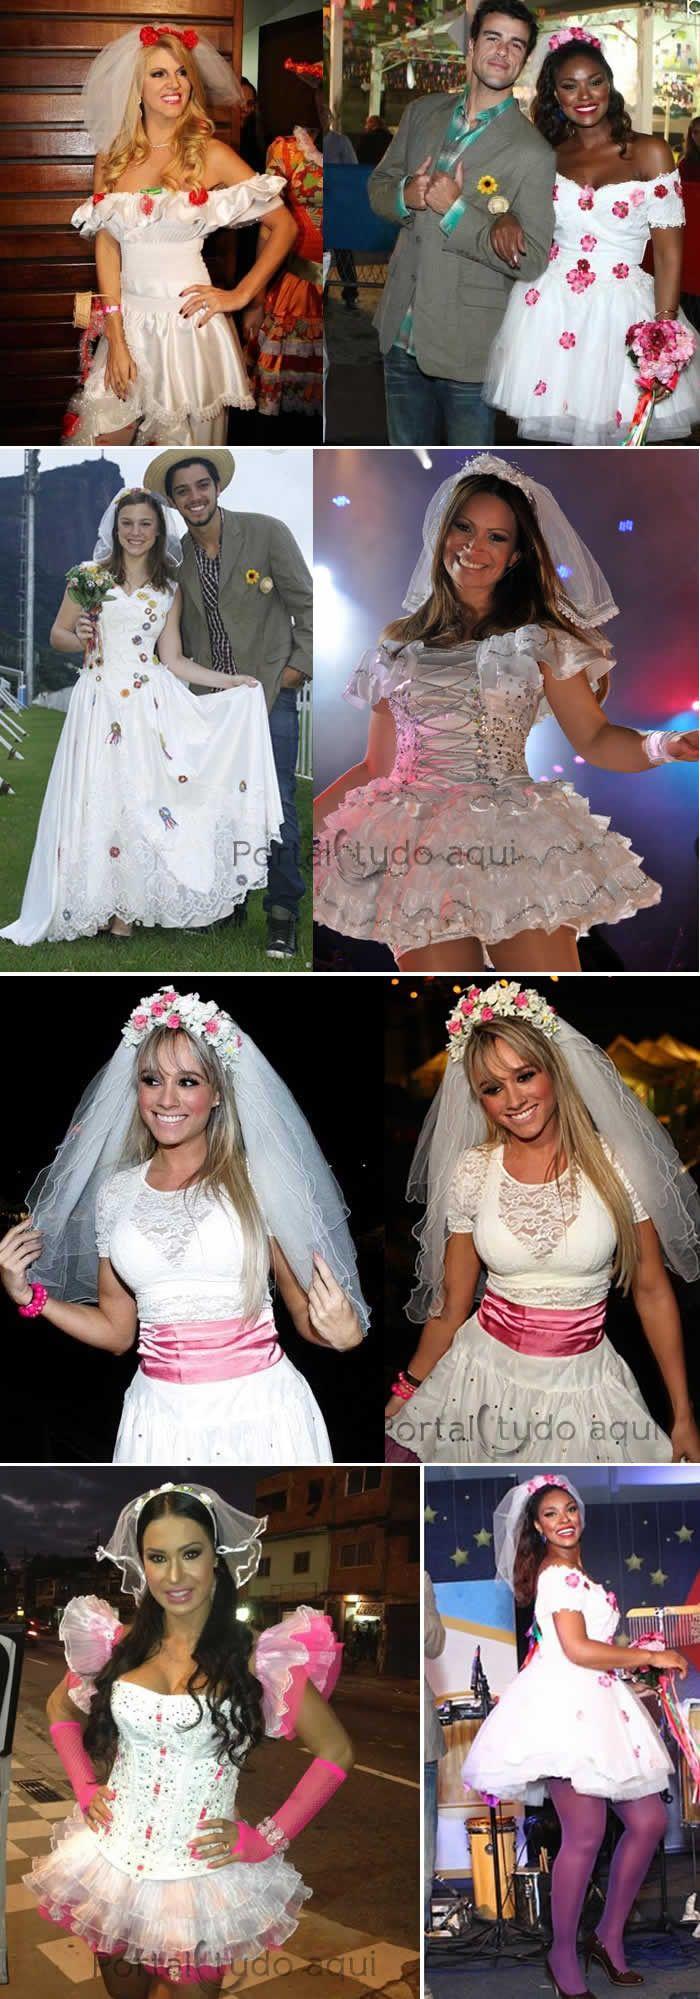 Veja nesta matéria dicas de fotos com ideias de trajes para festa junina inspiradas nas roupas caipira das famosas, confira!